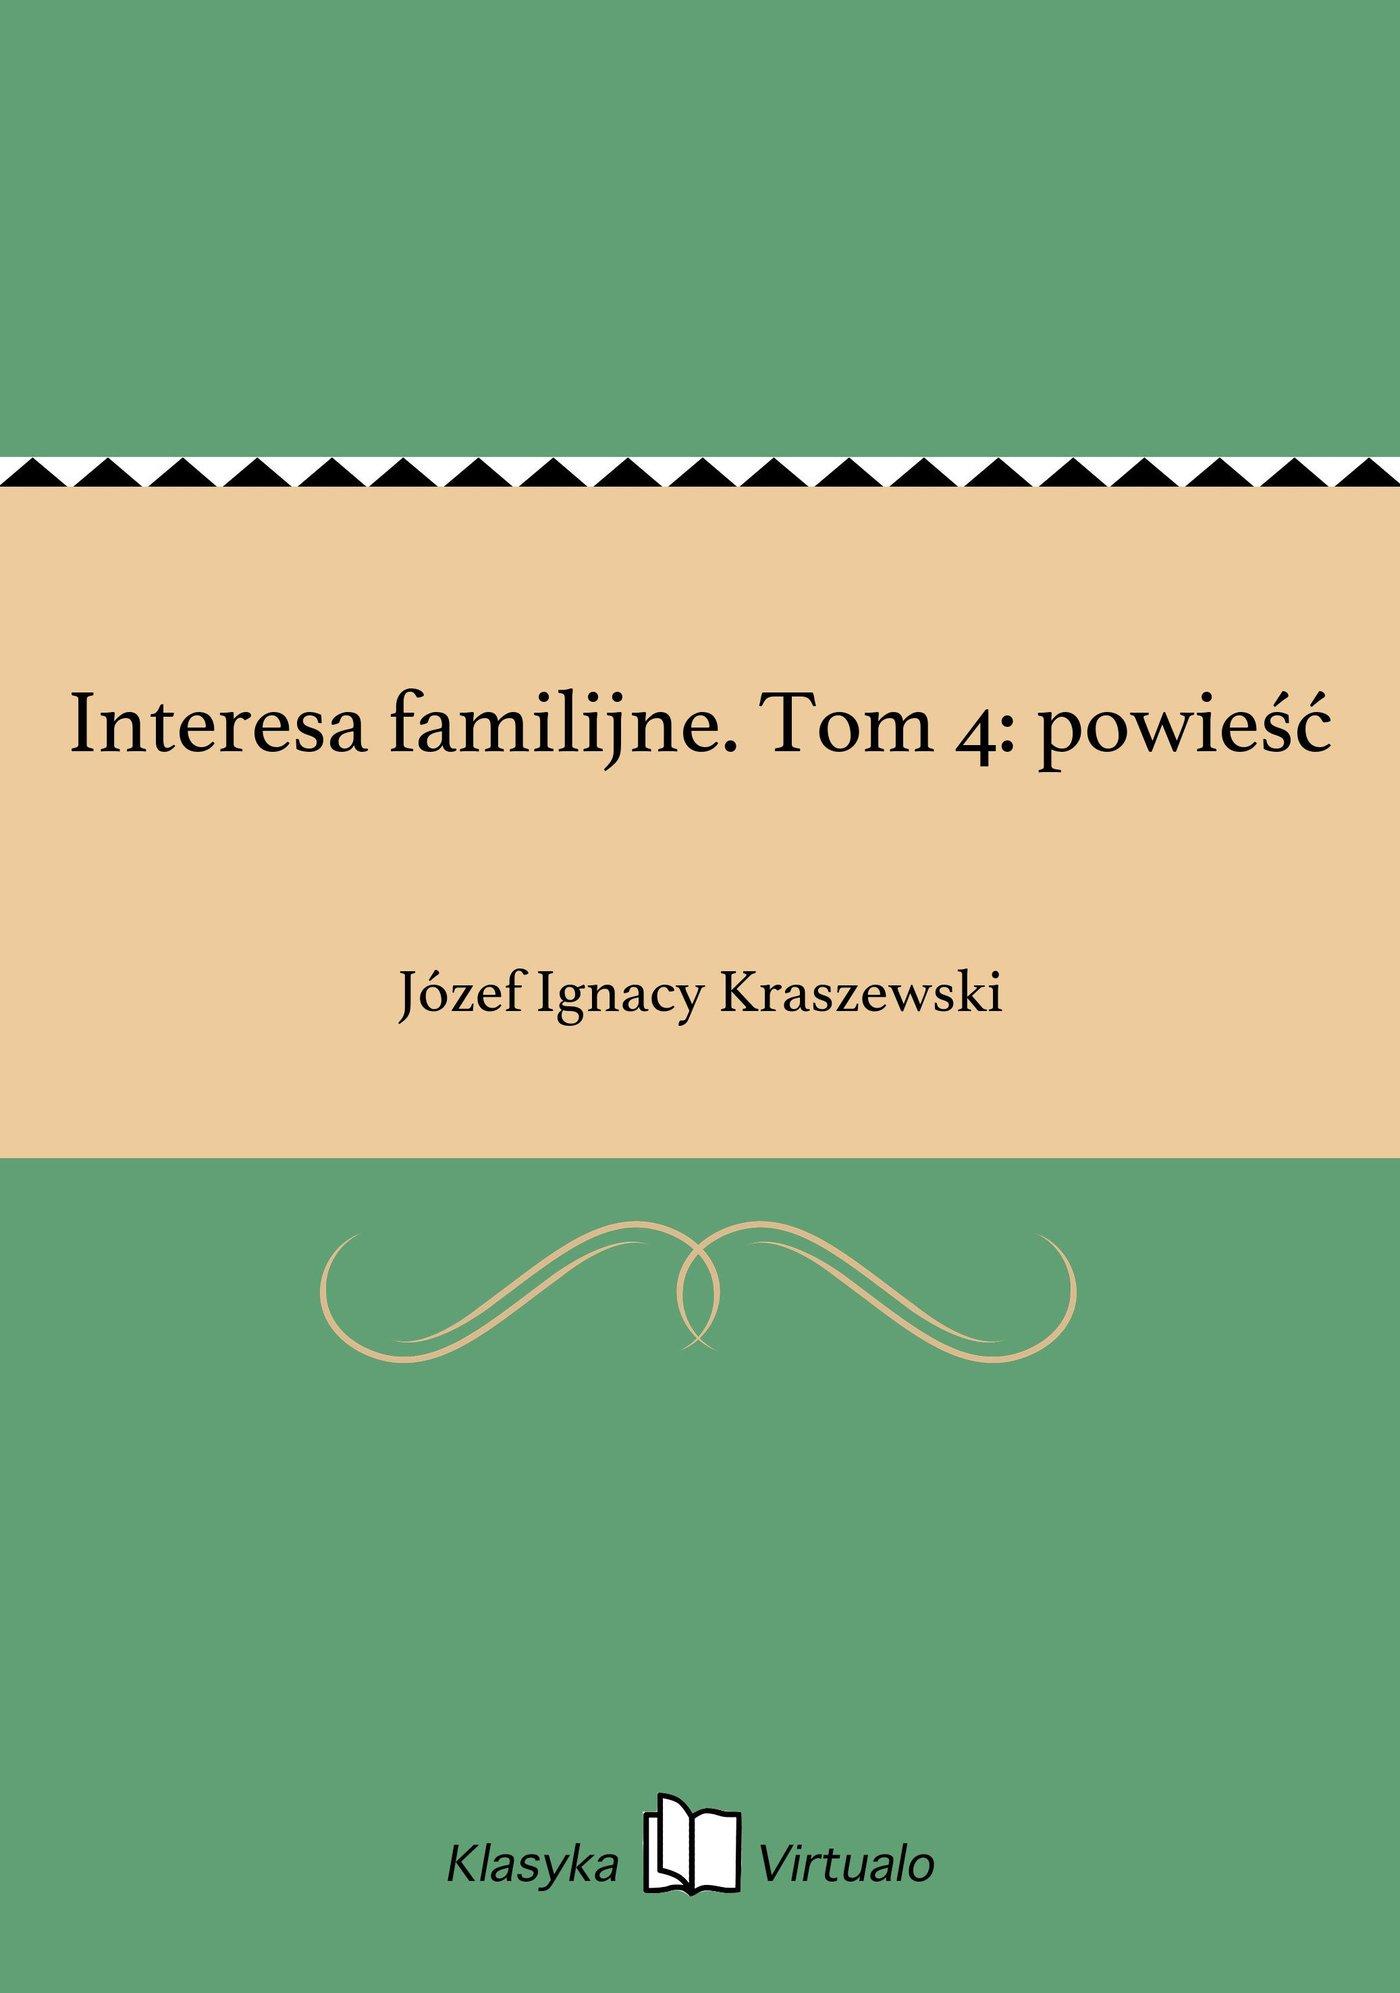 Interesa familijne. Tom 4: powieść - Ebook (Książka na Kindle) do pobrania w formacie MOBI